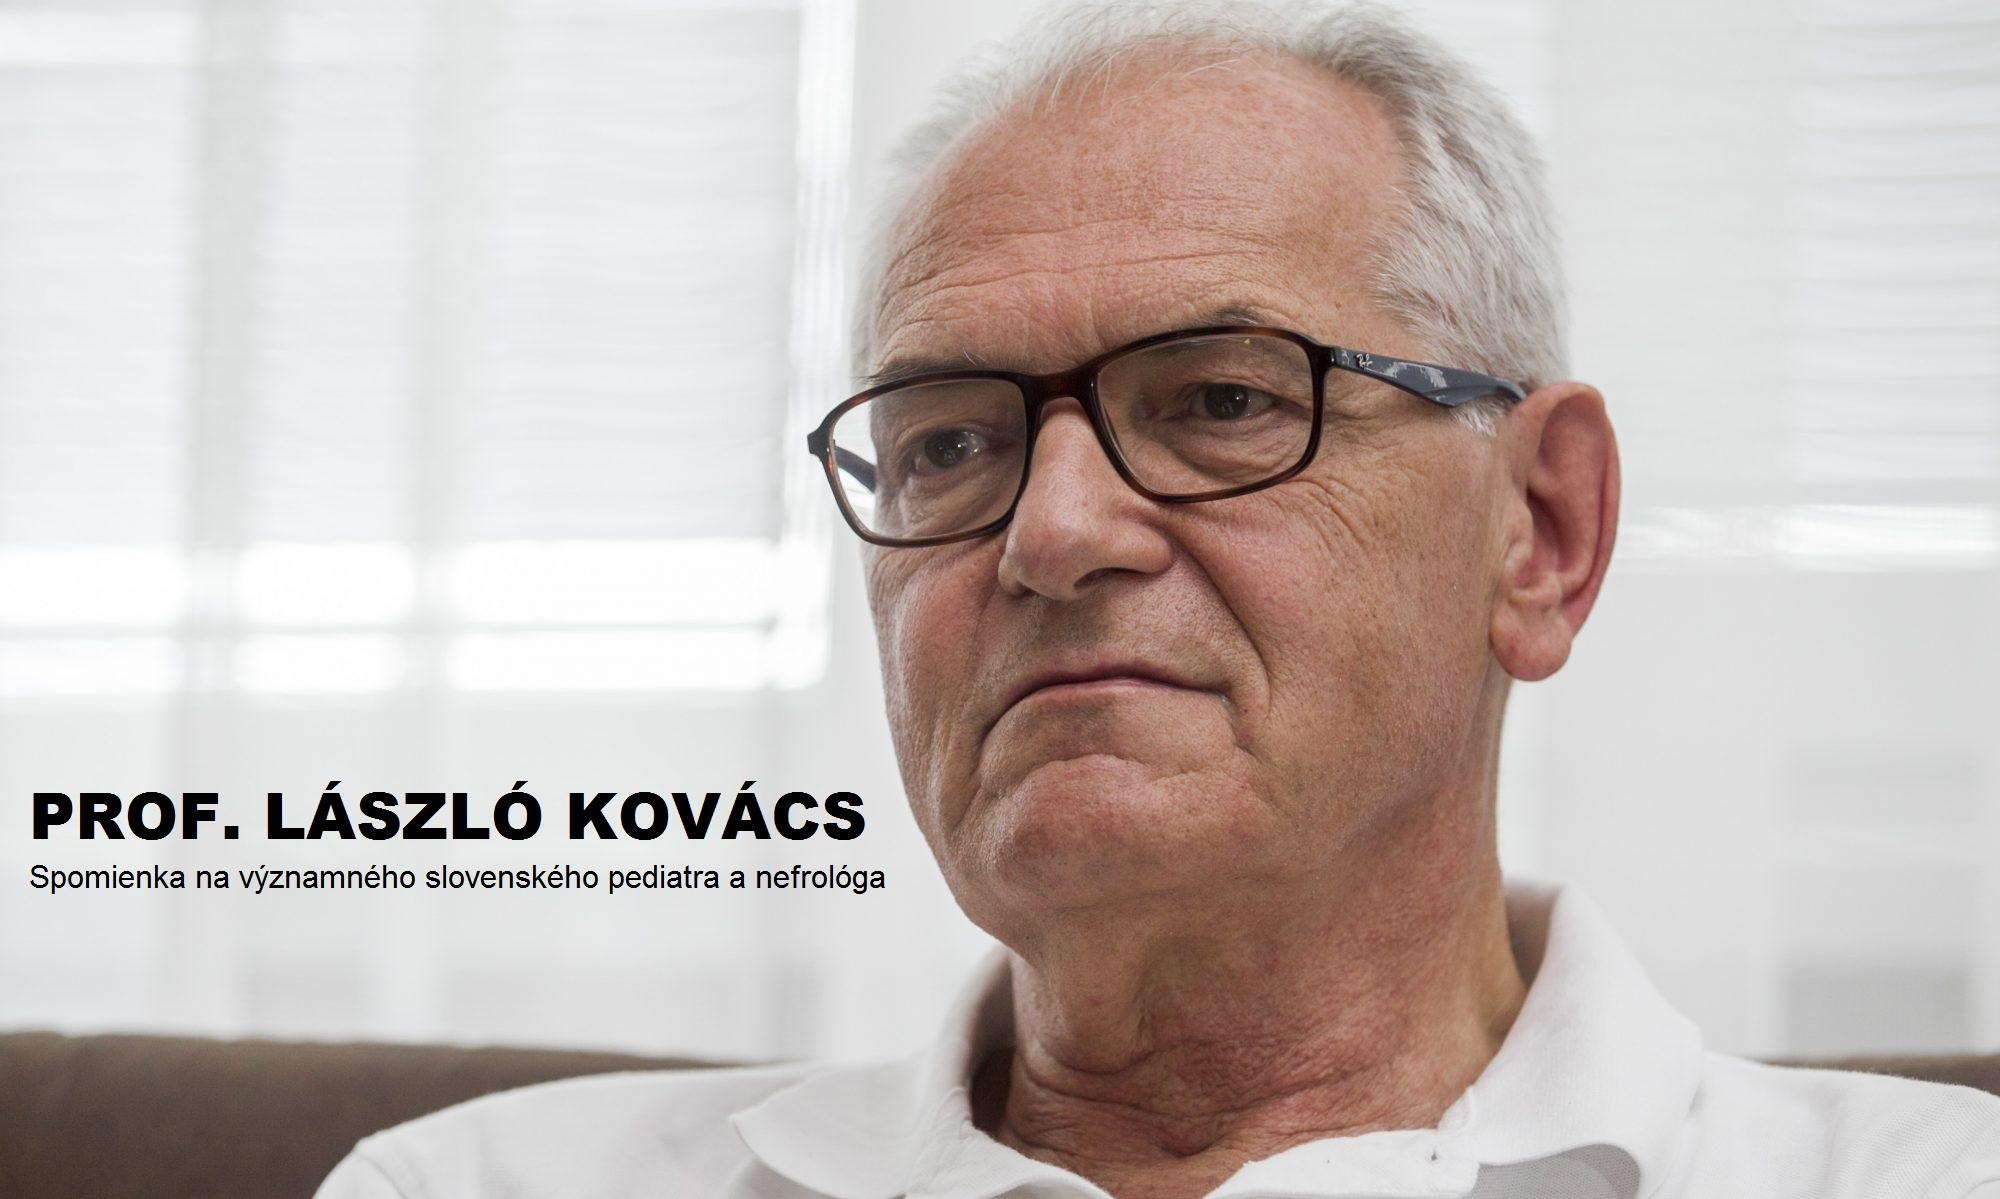 Prof. László Kovács